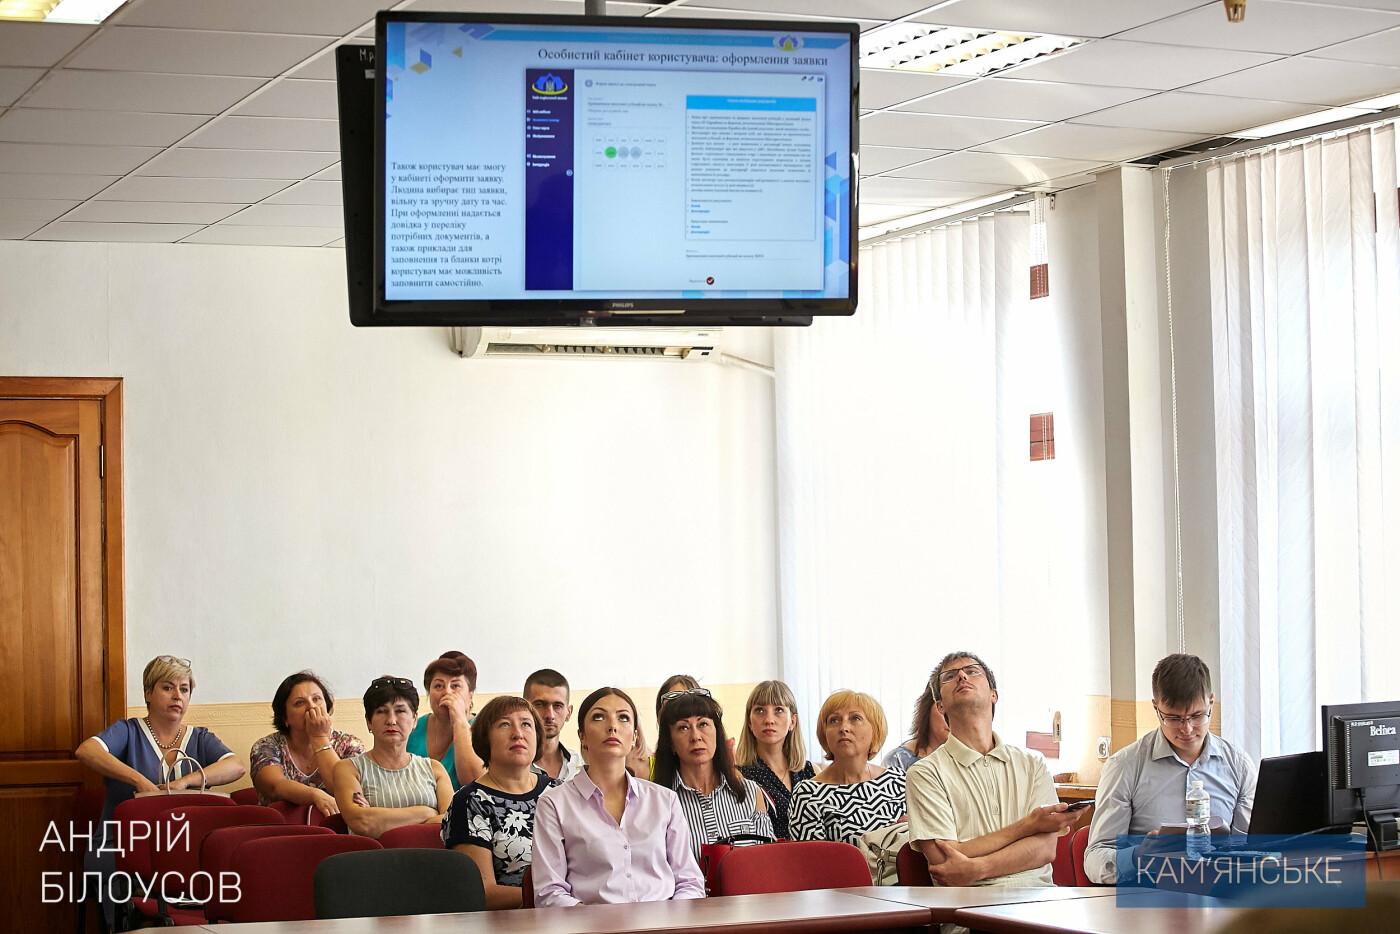 Субсидия онлайн: в Каменском разработали информационно-сервисный портал в сфере соцзащиты, фото-2